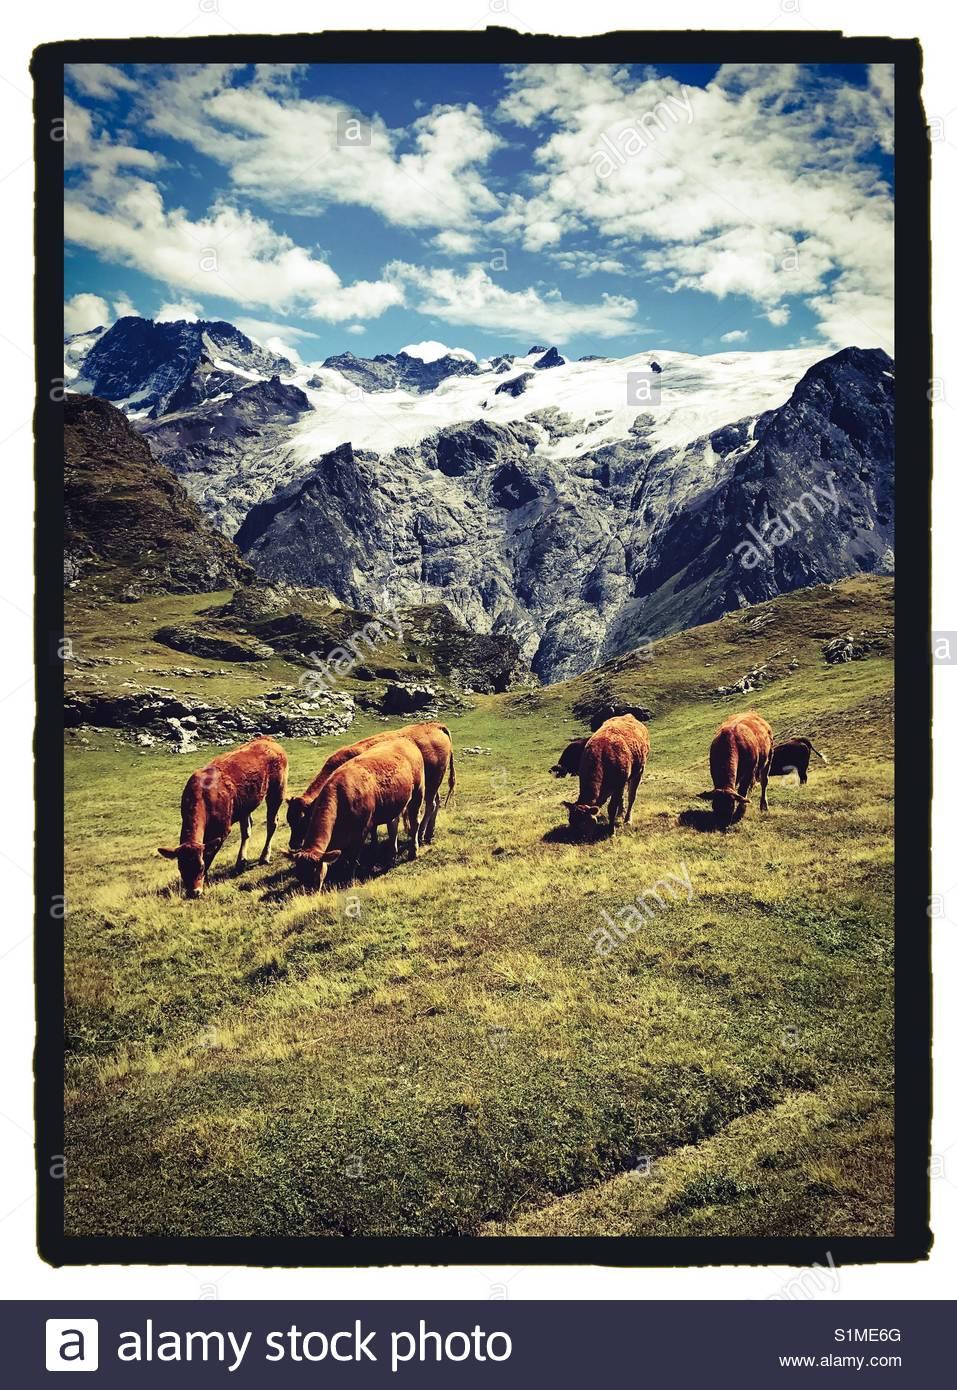 Kühe in der Fr viel Alpen mit Gletscher eine n Hintergrund Stockbild